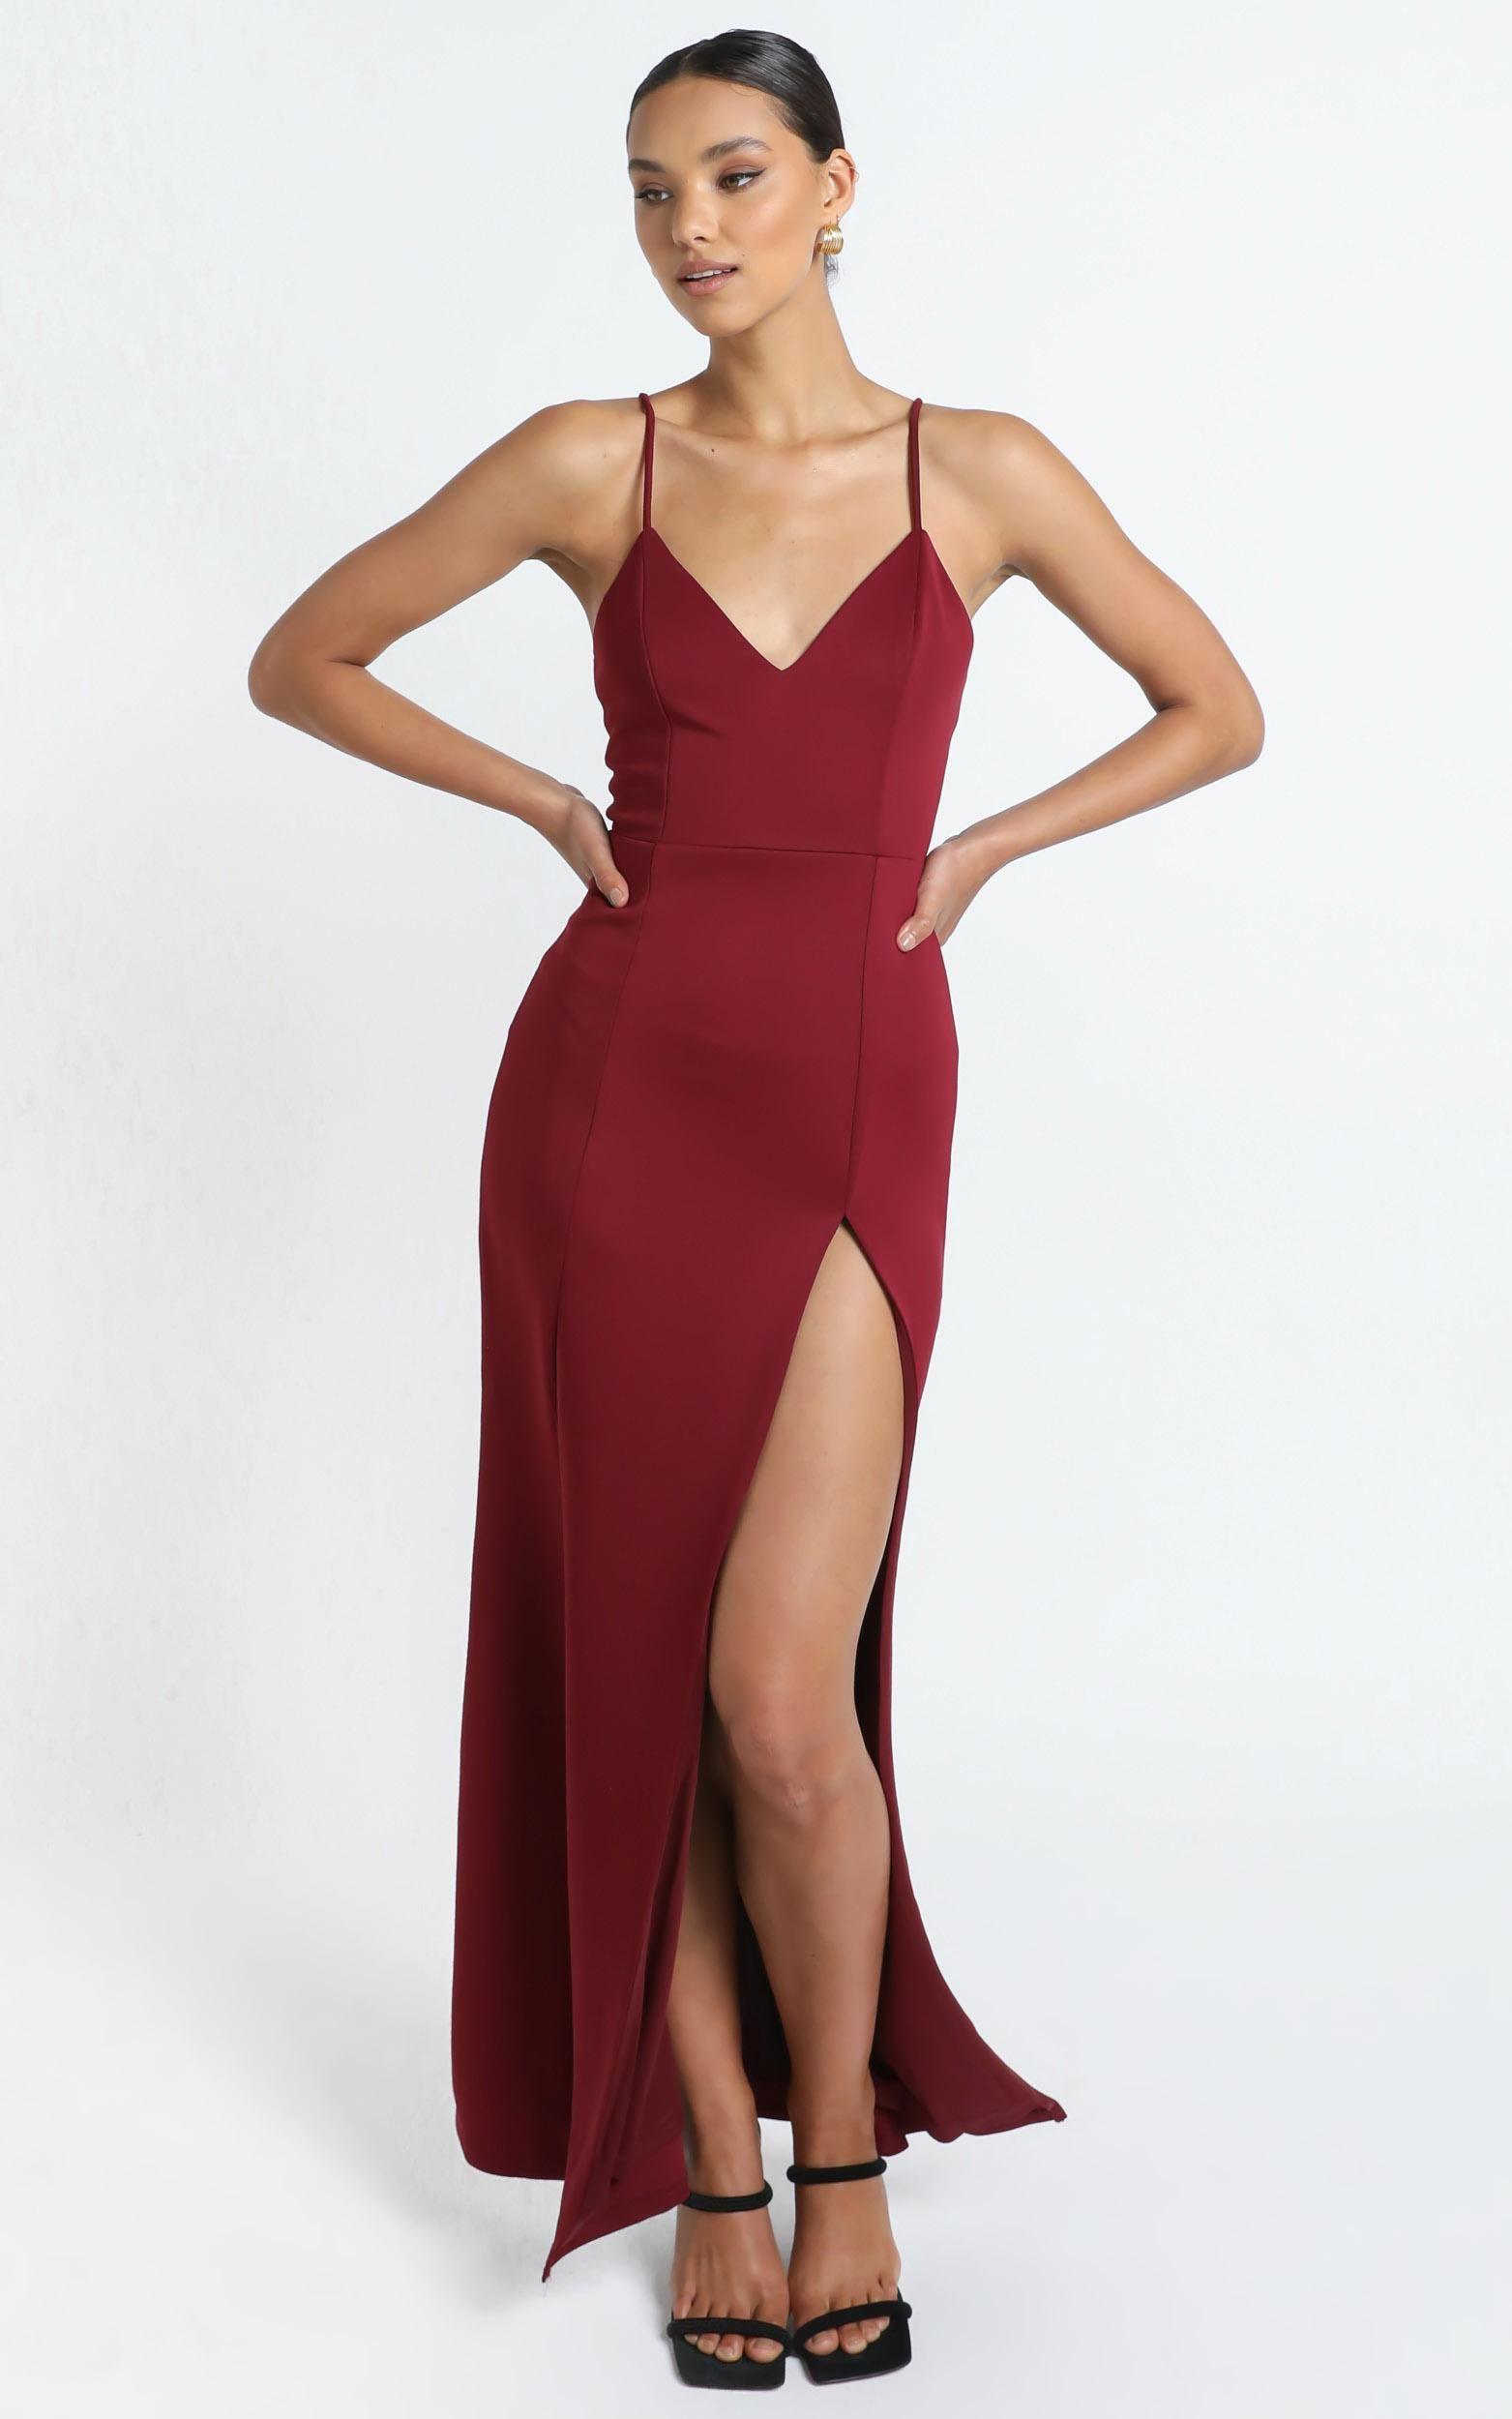 Dare To Dream Maxi Dress In Wine Showpo Dresses Maxi Dress Showpo [ 2500 x 1563 Pixel ]